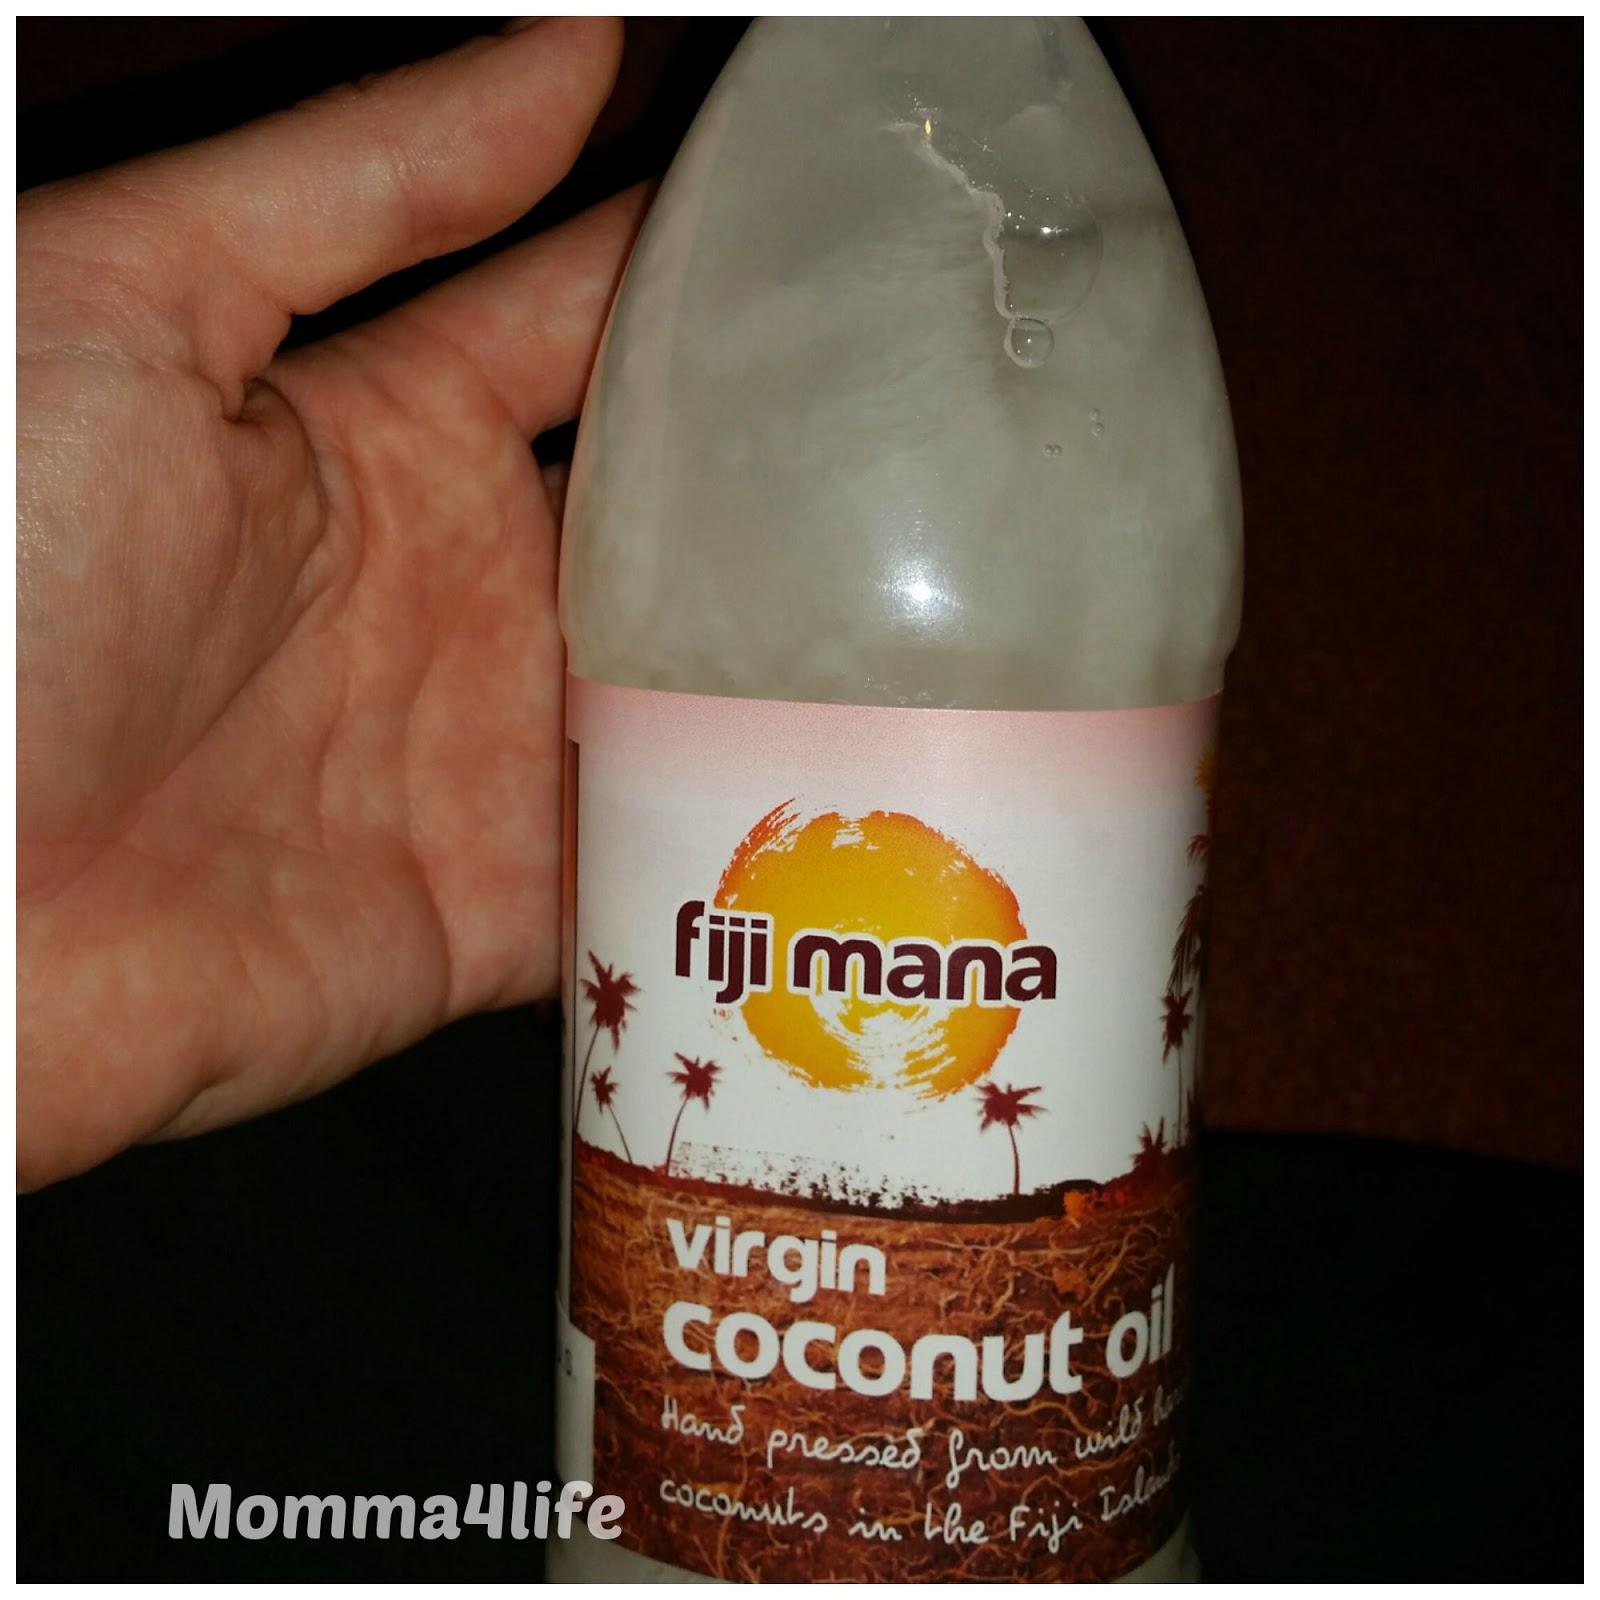 Natura Beauty Spray Produk Dari Mana: Momma4Life: Fiji Mana Virgin Coconut Oil, 500 Ml Review